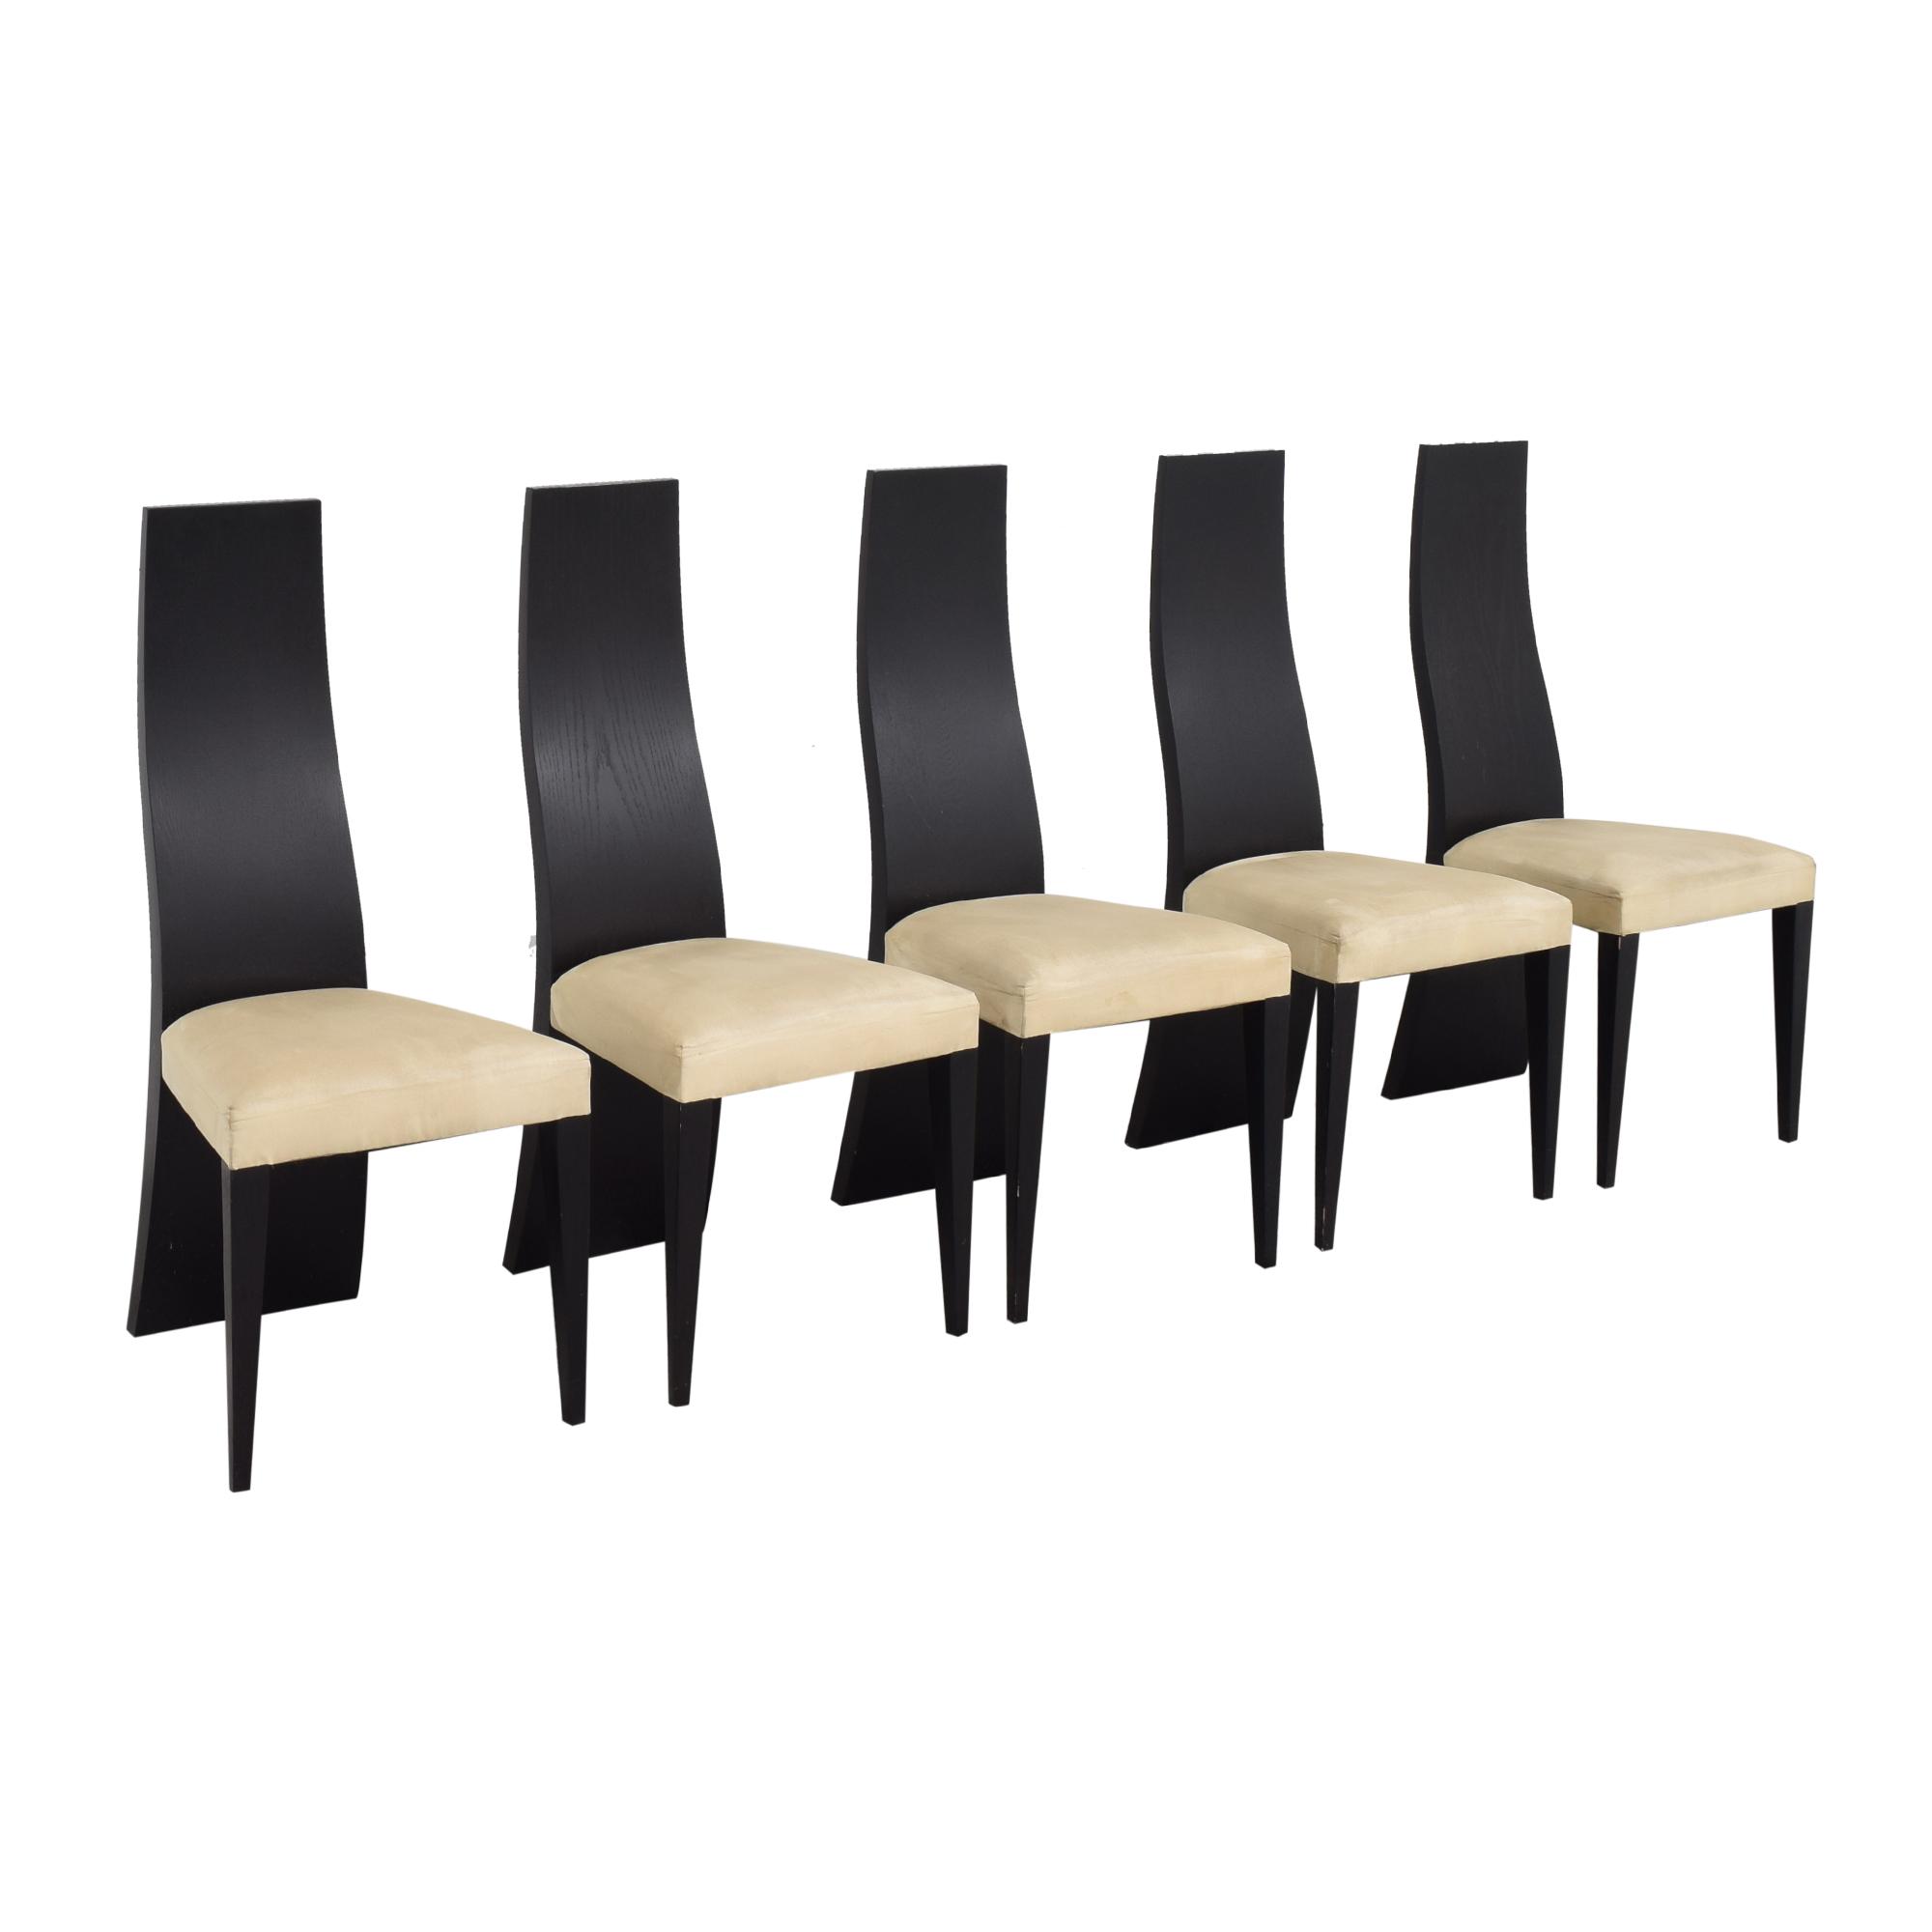 buy La Maison Contemporaine Solid Back Dining Chairs La Maison Contemporaine Dining Chairs